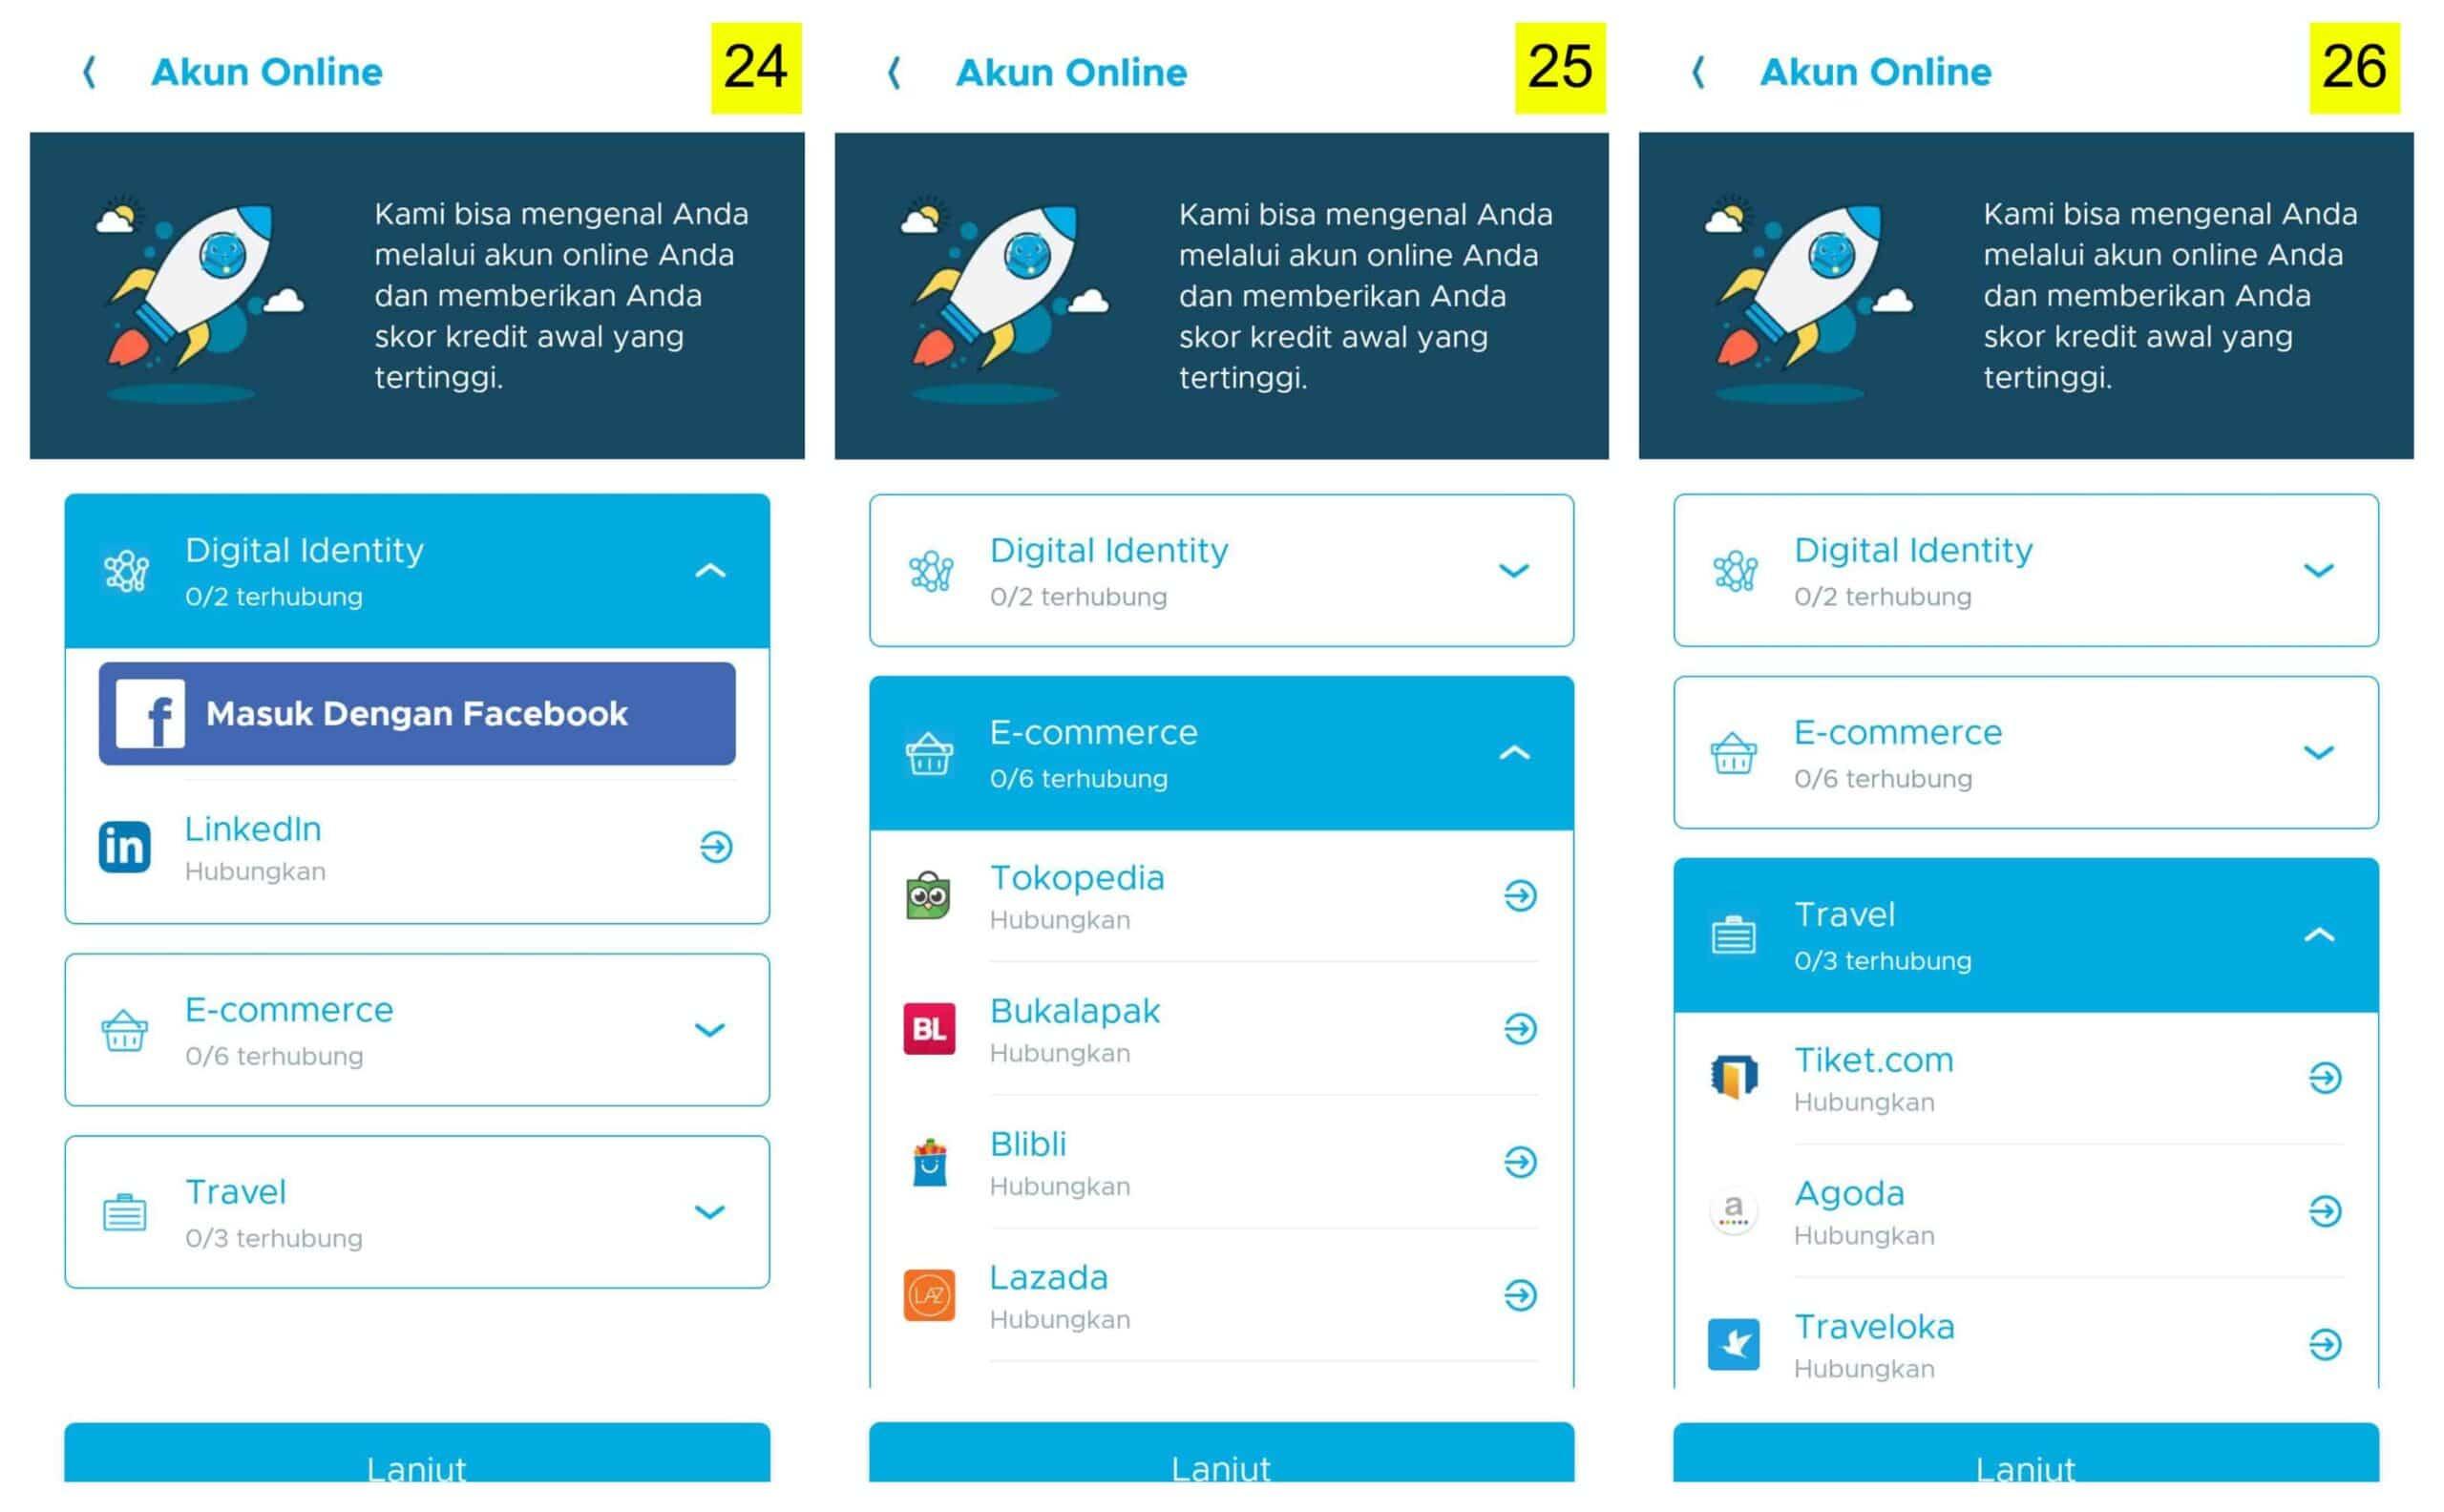 Koneksi ke Akun Bank, E-Commerce di Aplikasi Pinjaman Online